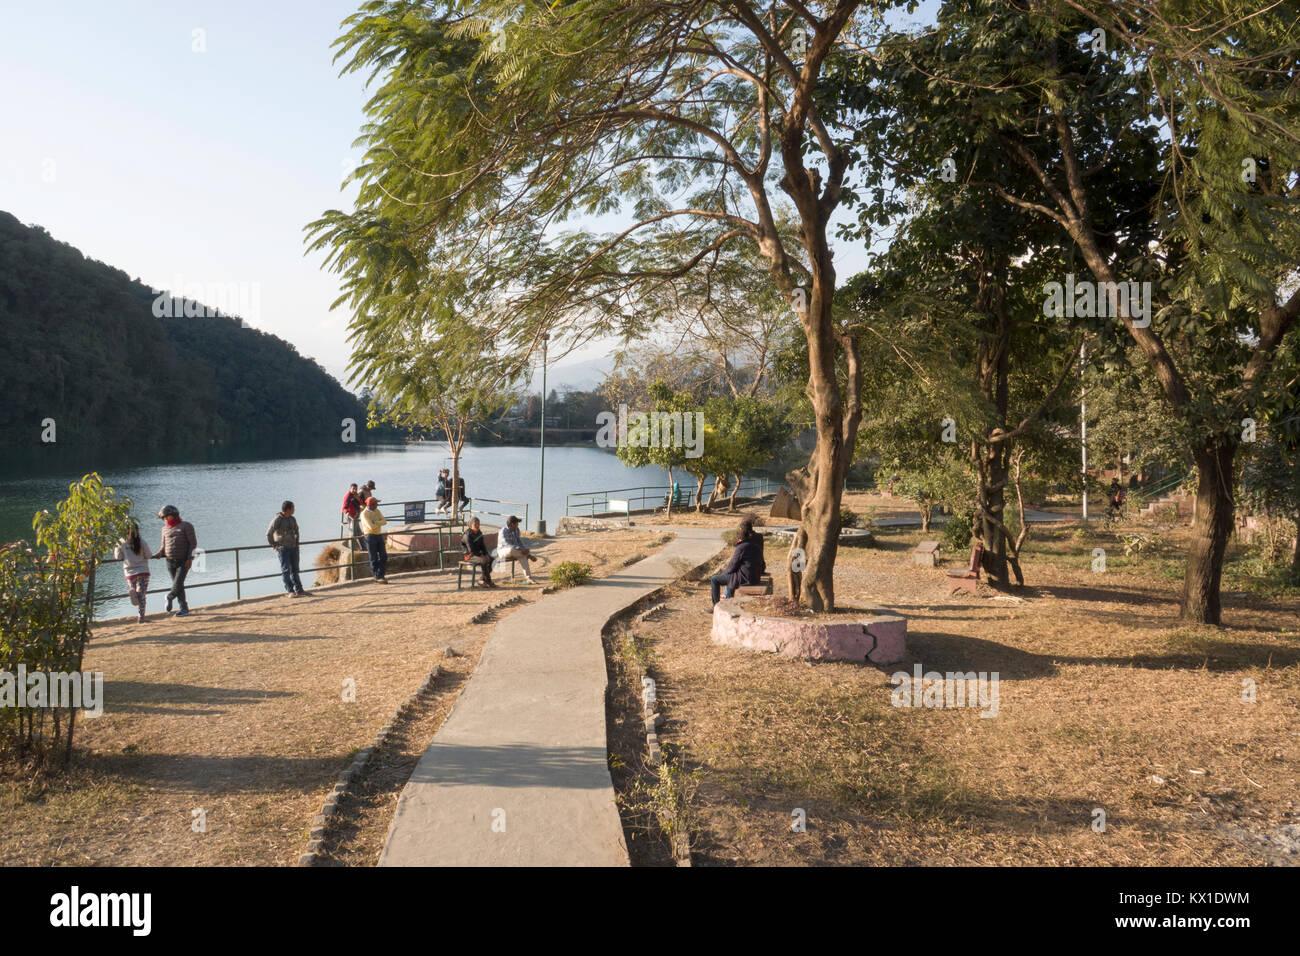 Scenic view of Phewa Lake, Pokhara, Nepal - Stock Image